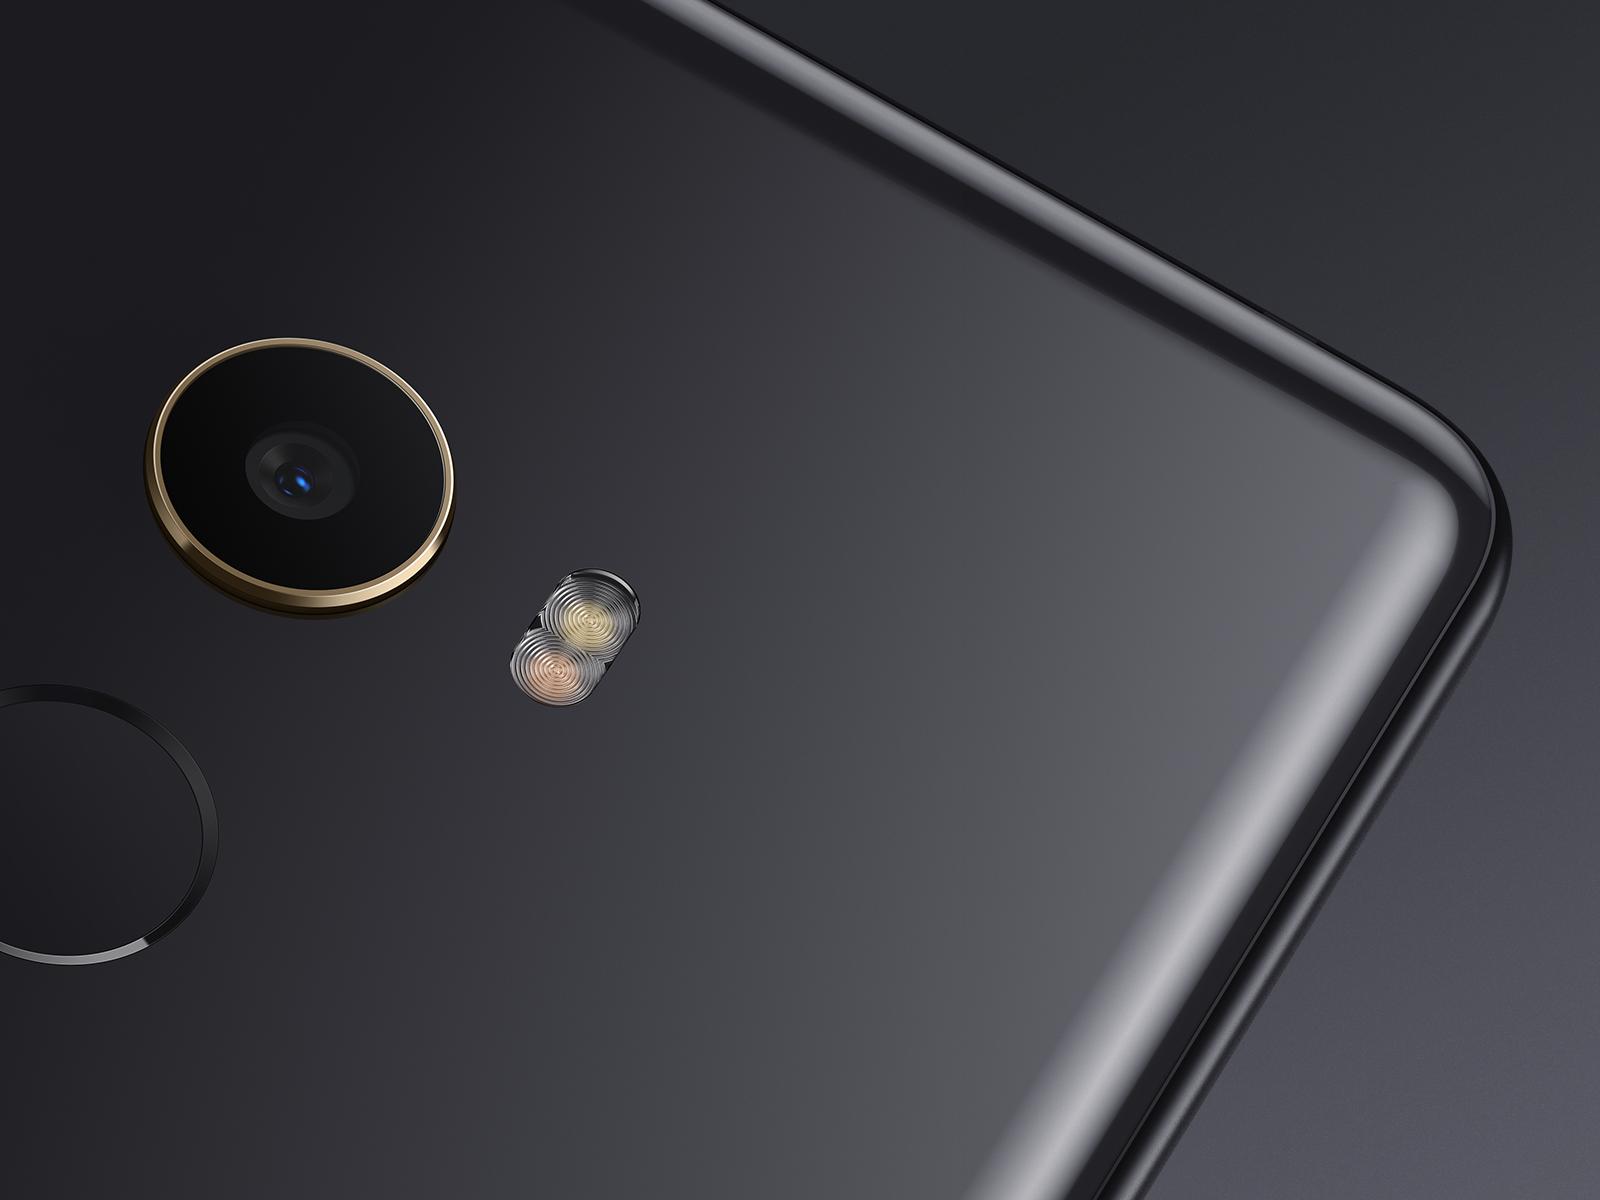 Дождались: Mi Mix 2, «чистый Android» и другие приятности от Xiaomi - 5